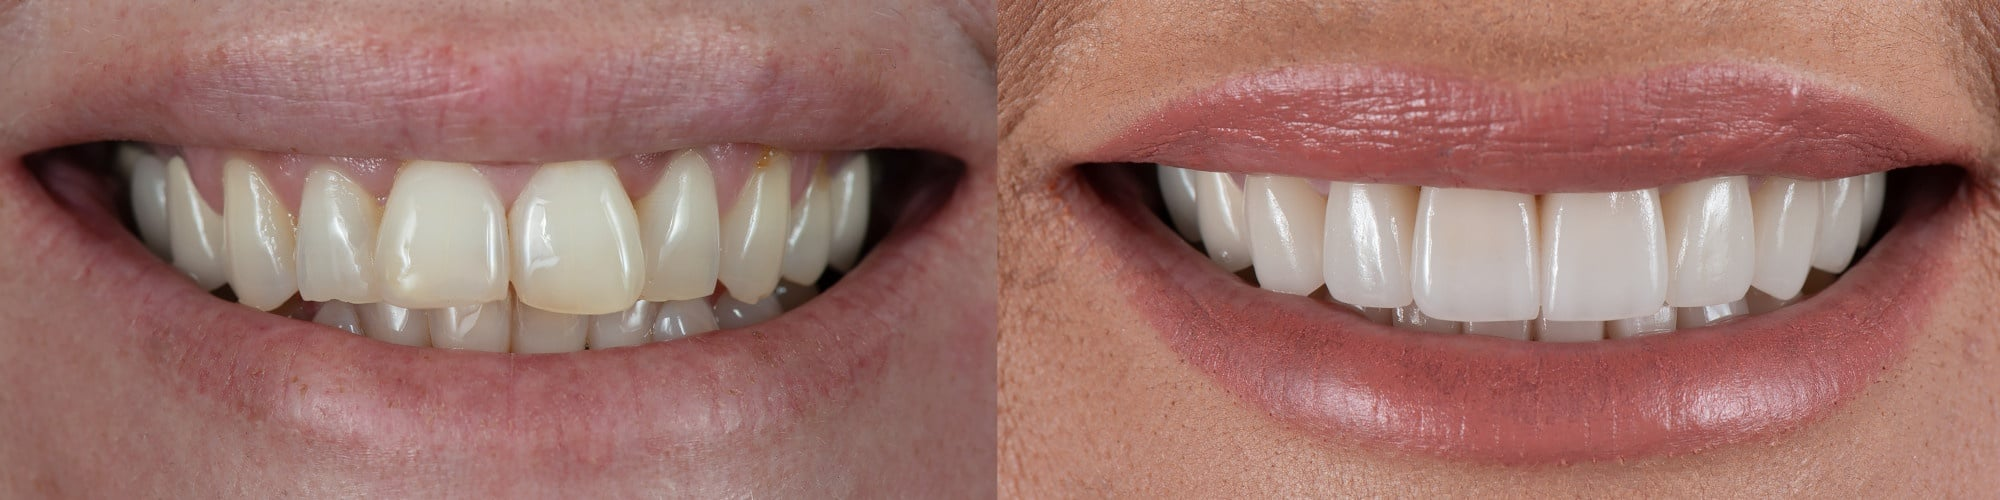 veneers before-after